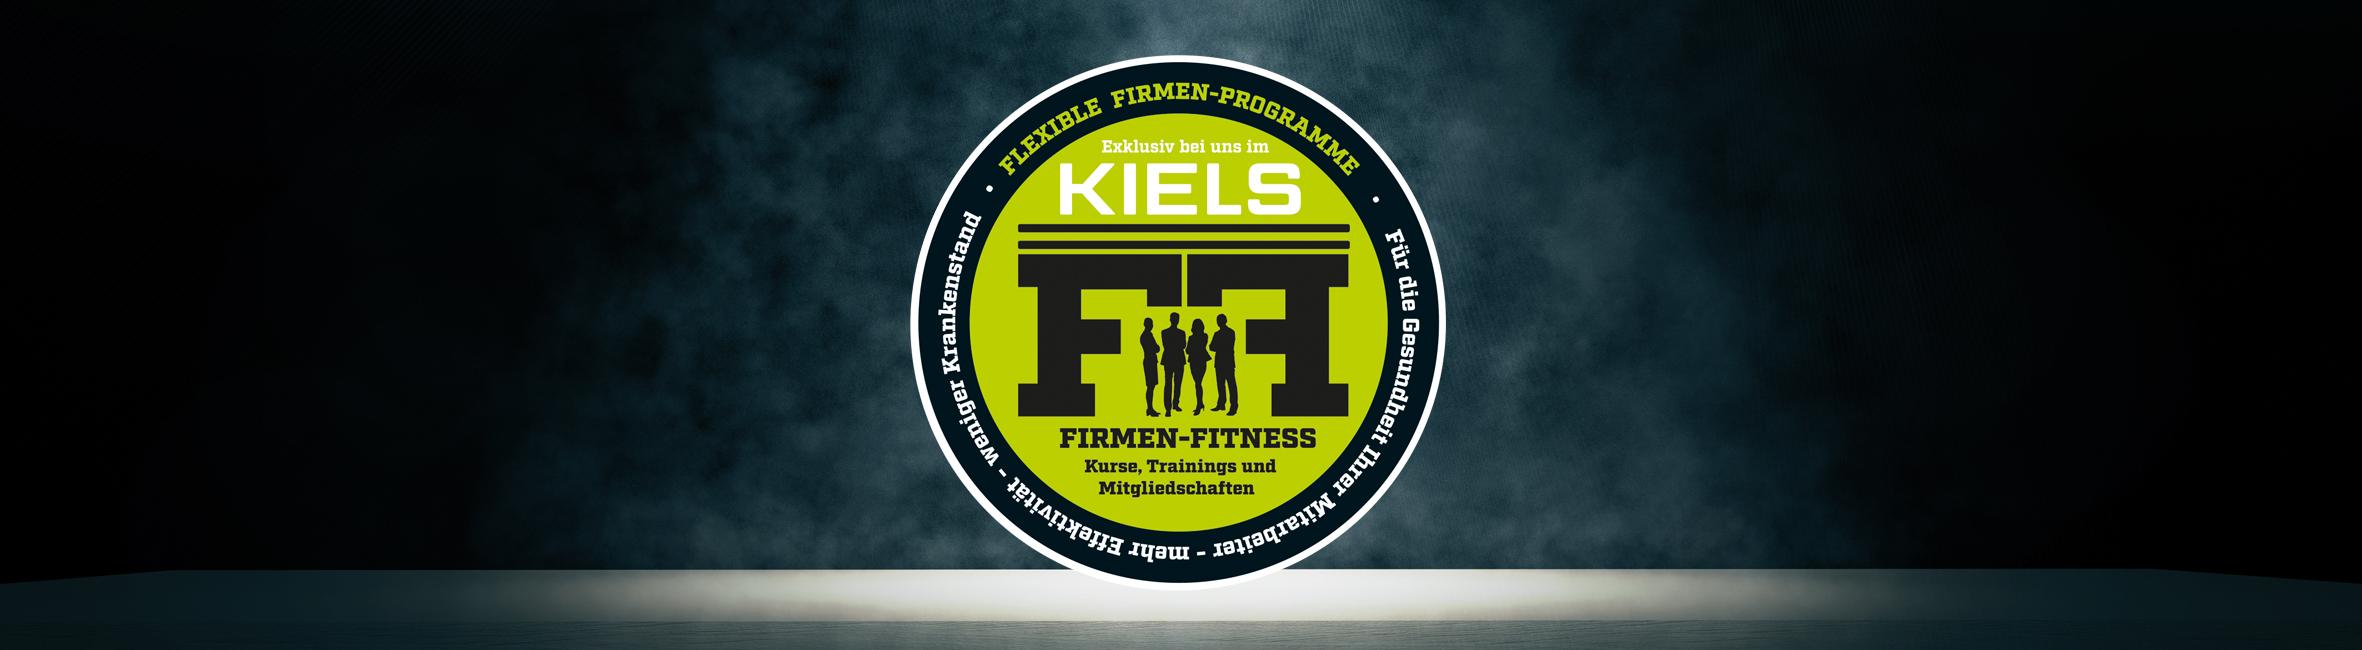 KIELS Firmenfitness in Kiel